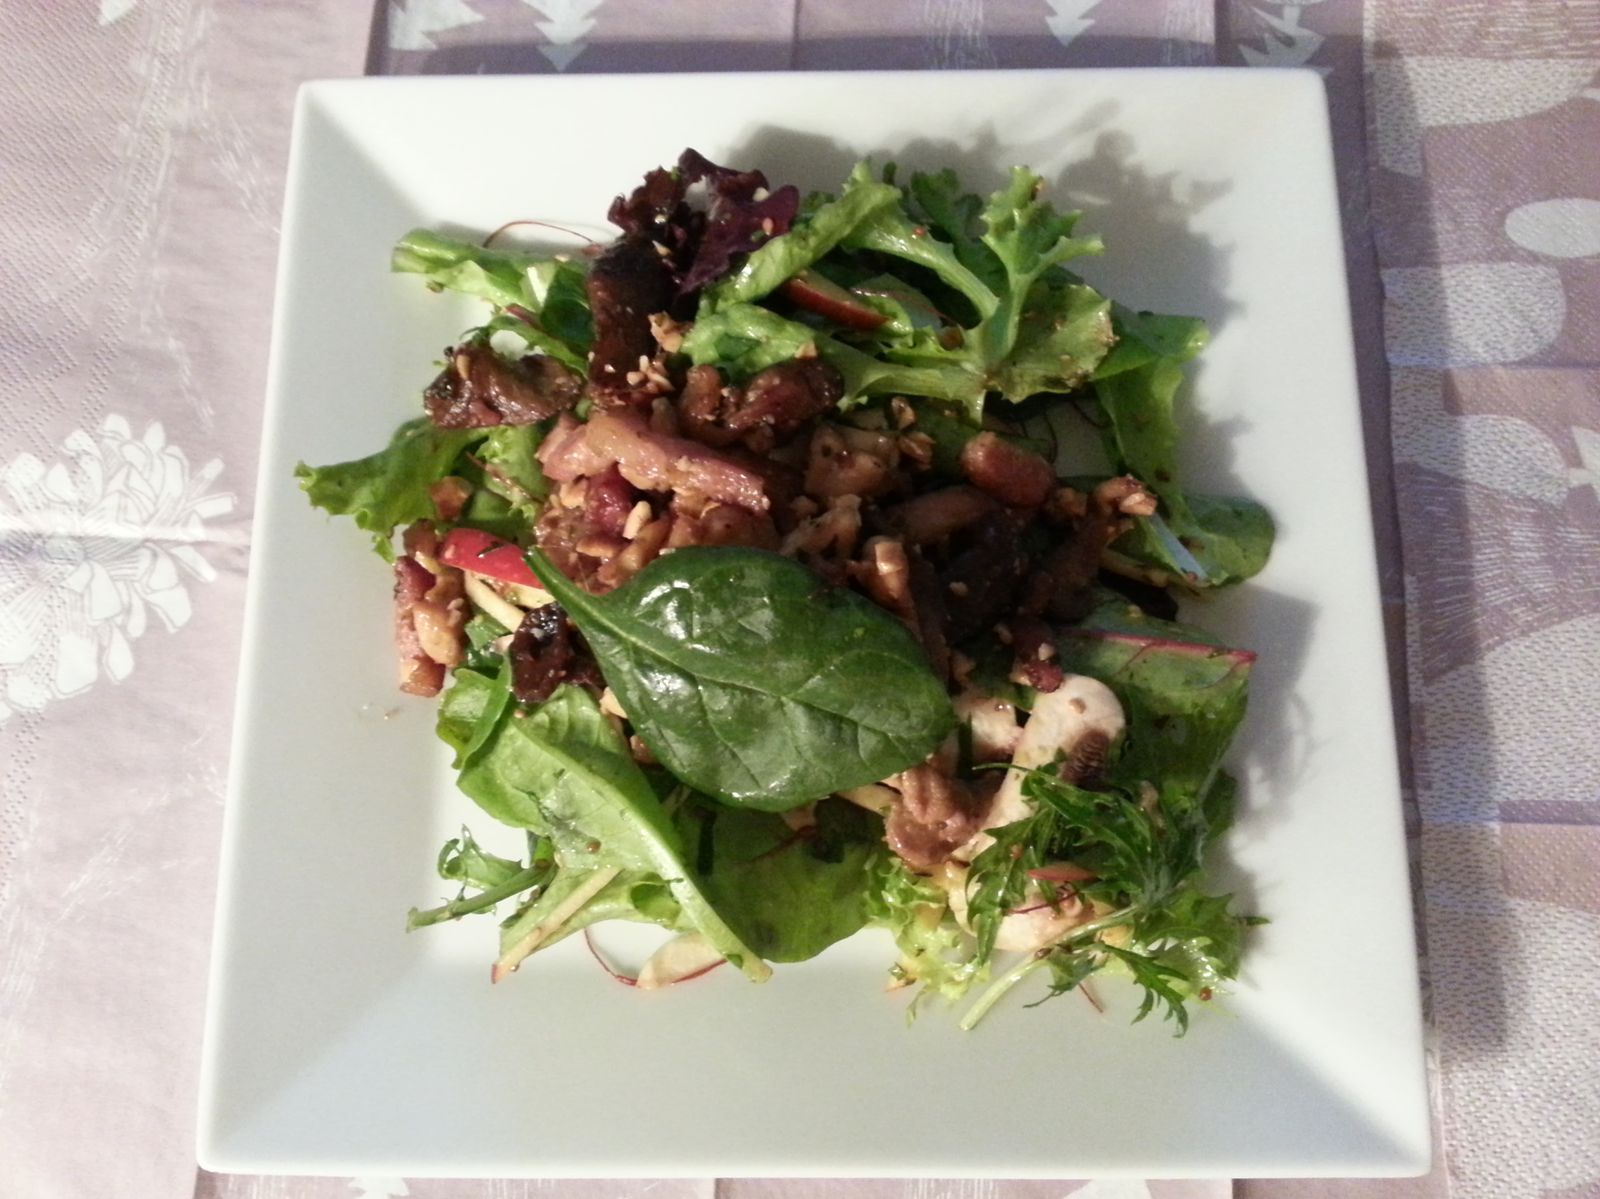 Petite salade du dimanche soir, ou comment recycler ce qui est dans le frigo!